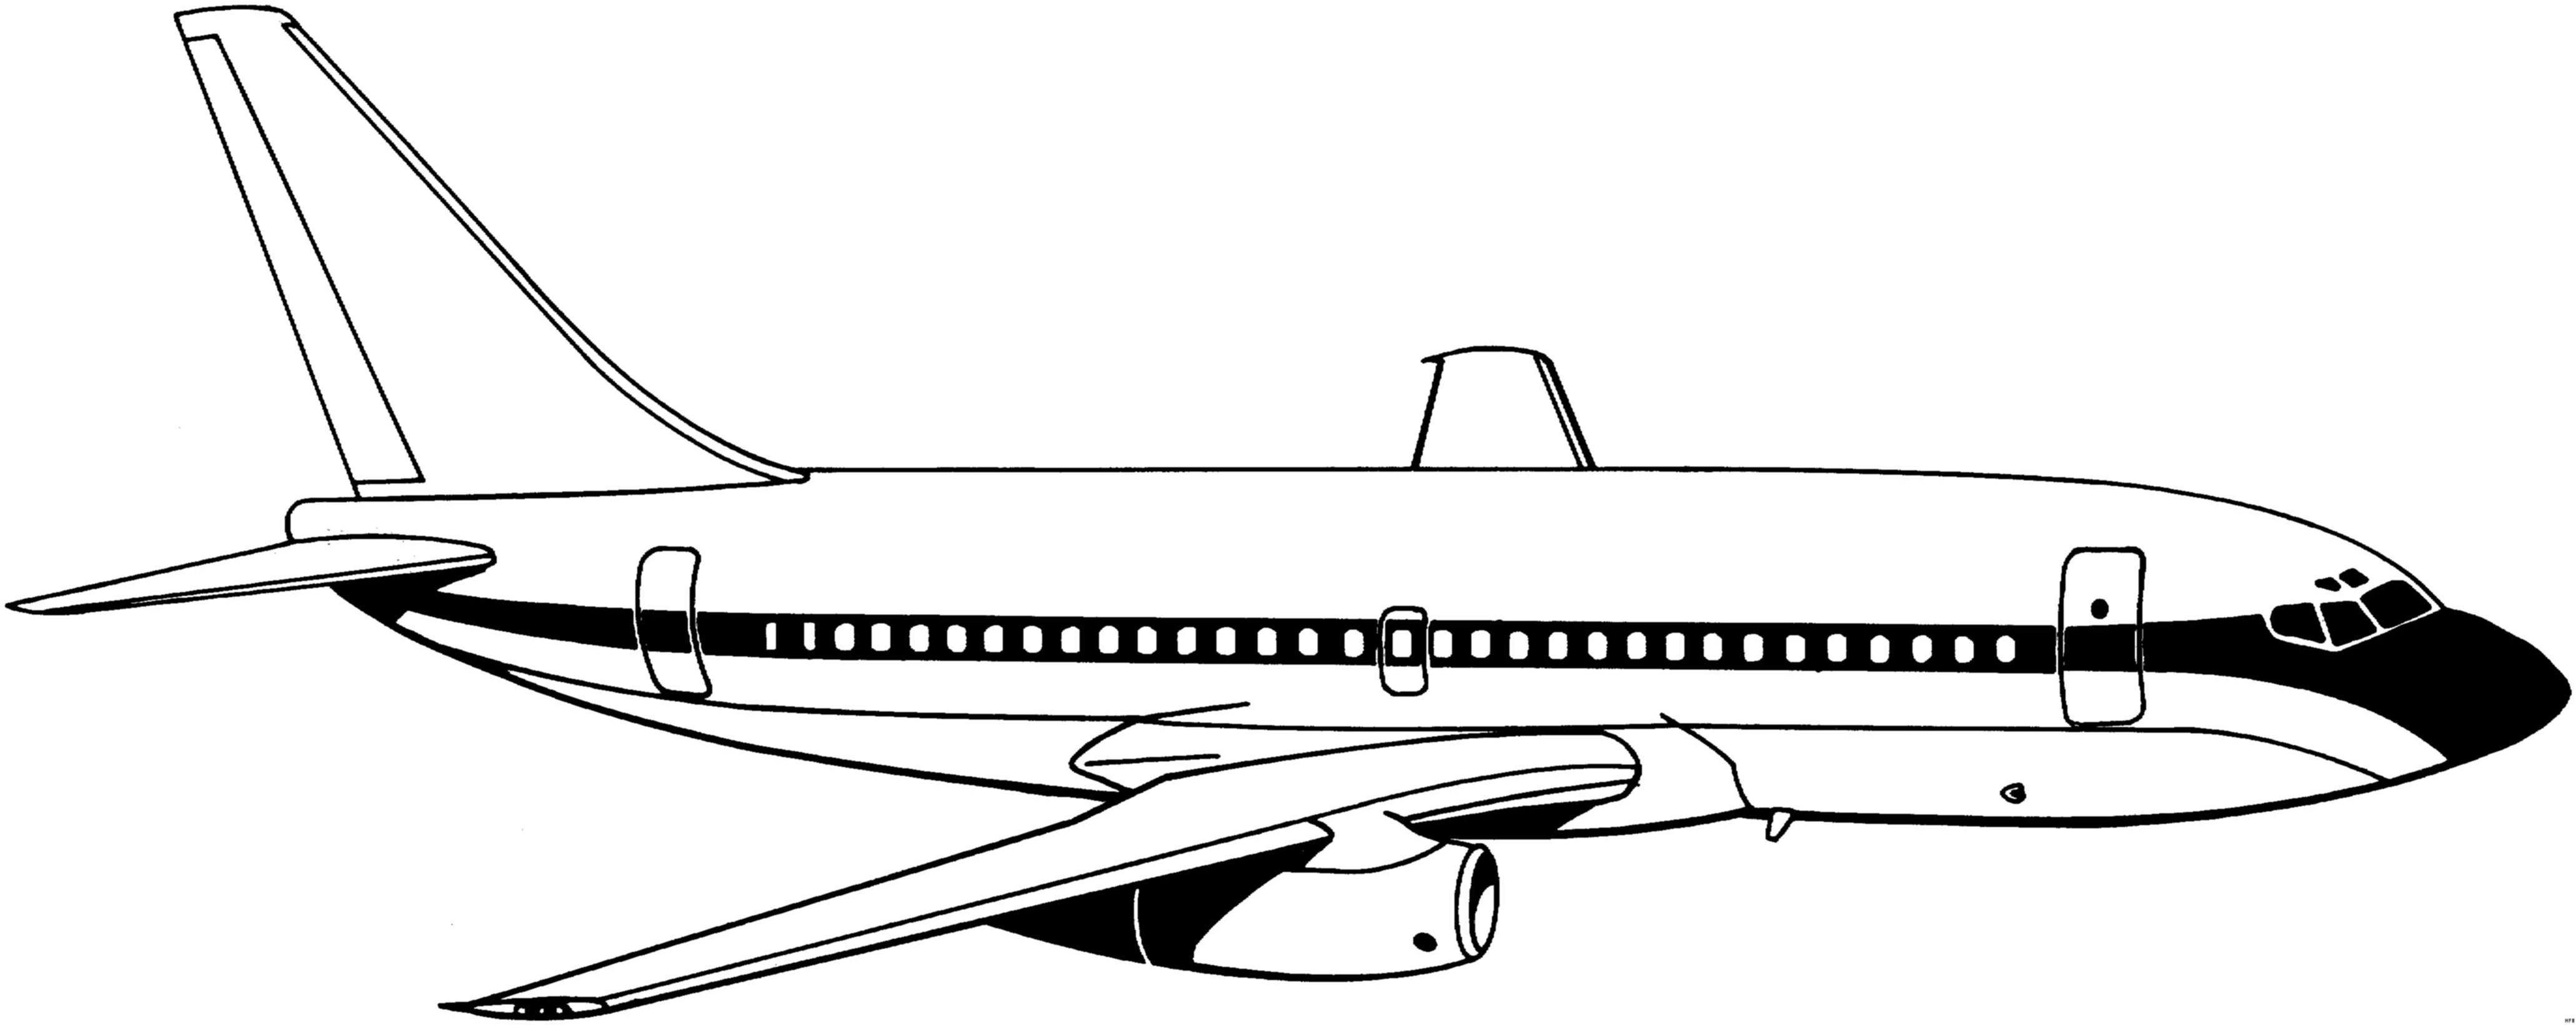 die besten ideen für ausmalbilder flugzeuge  beste